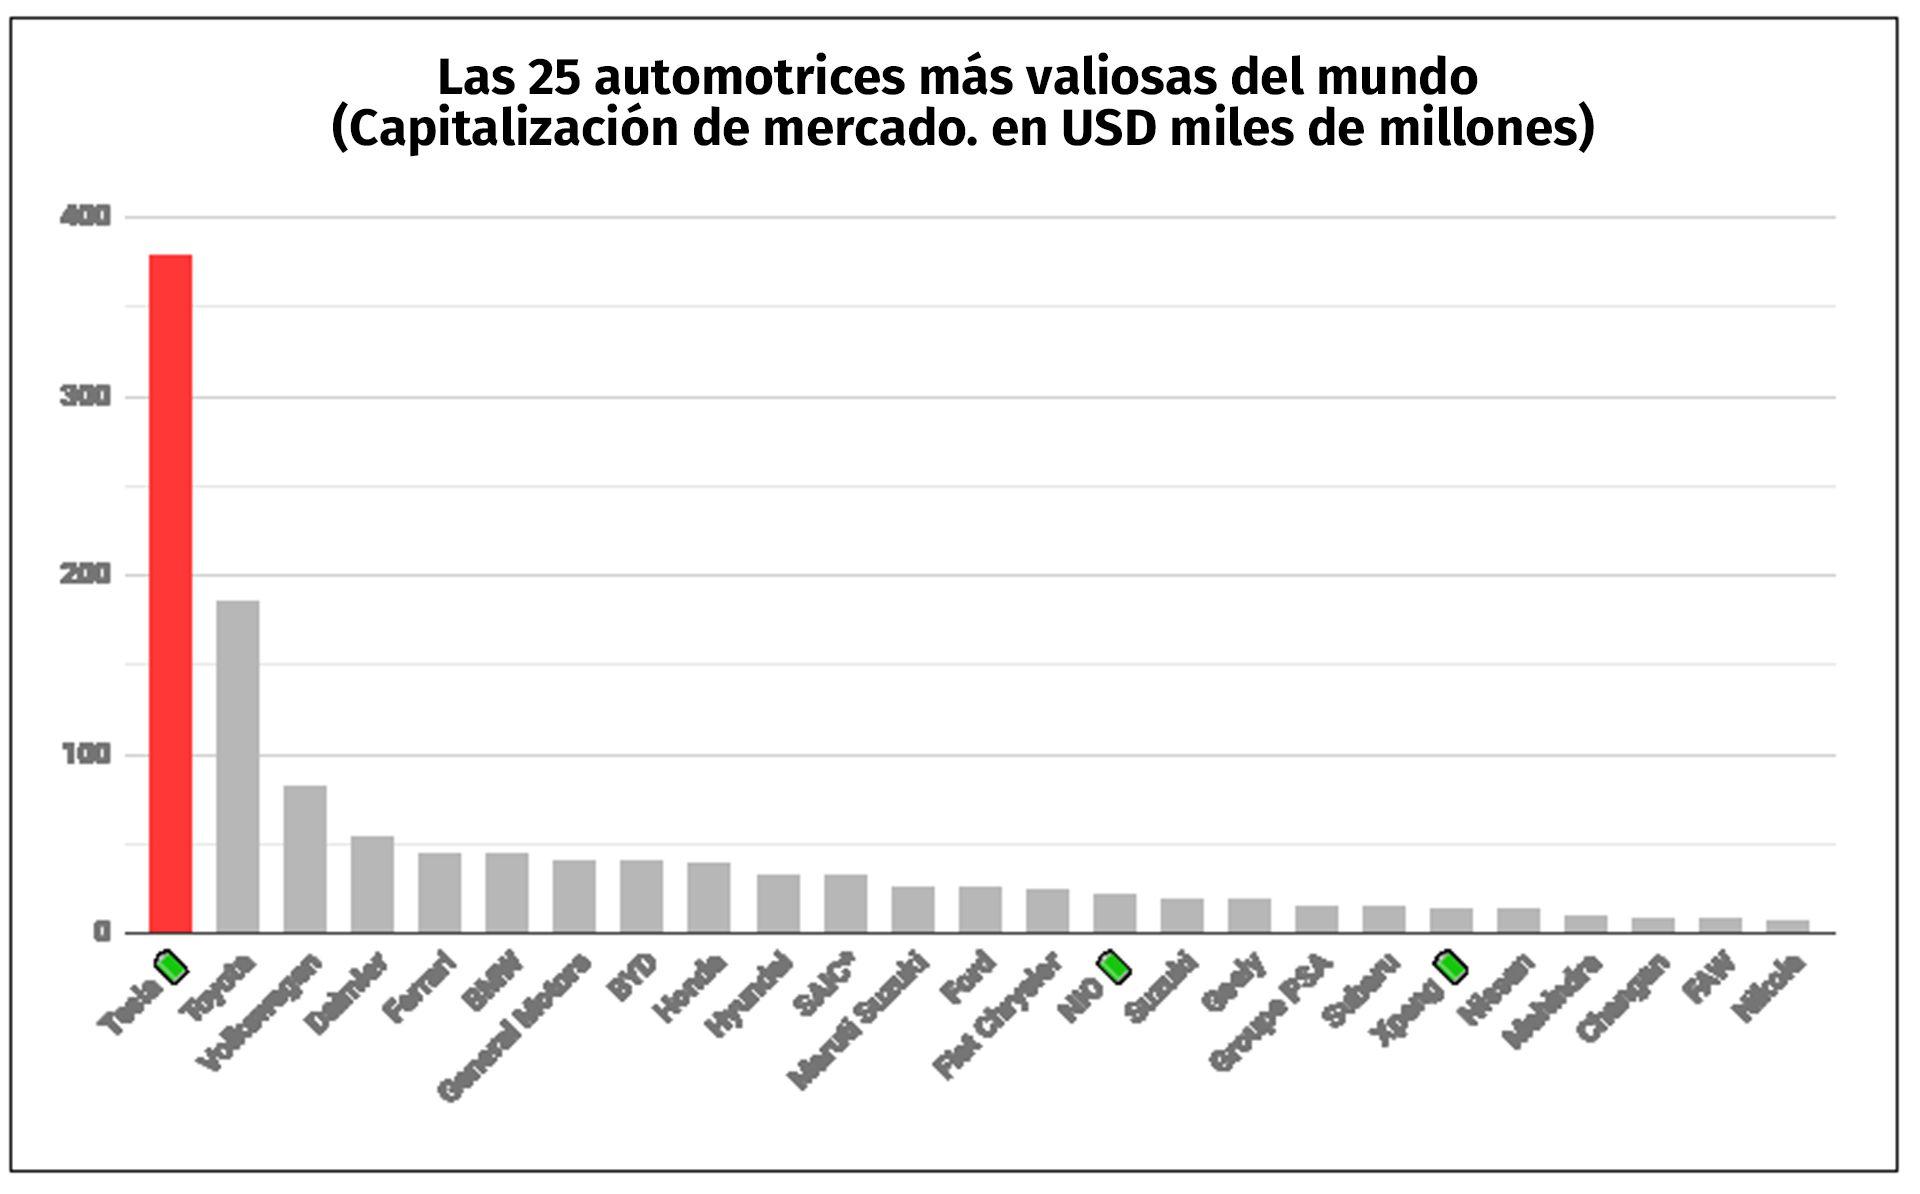 Las 25 automotrices más valiosas del mundo